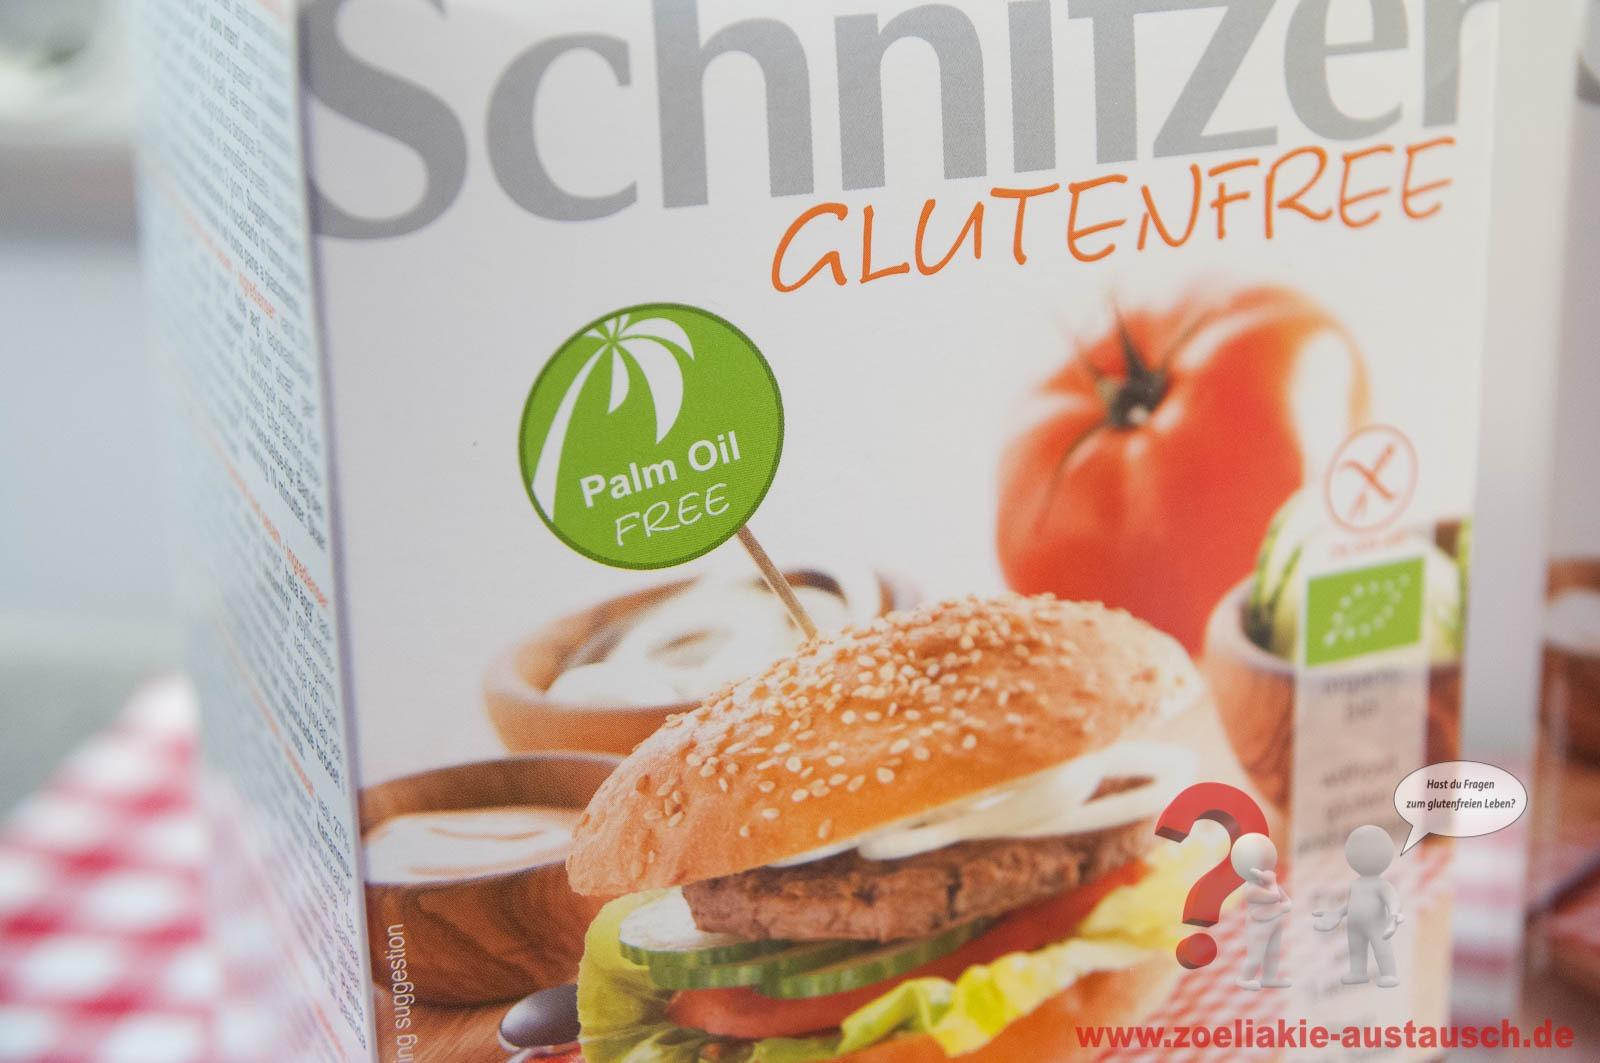 Zoeliakie-Austausch_Schnitzer_Burger_Broetchen_19